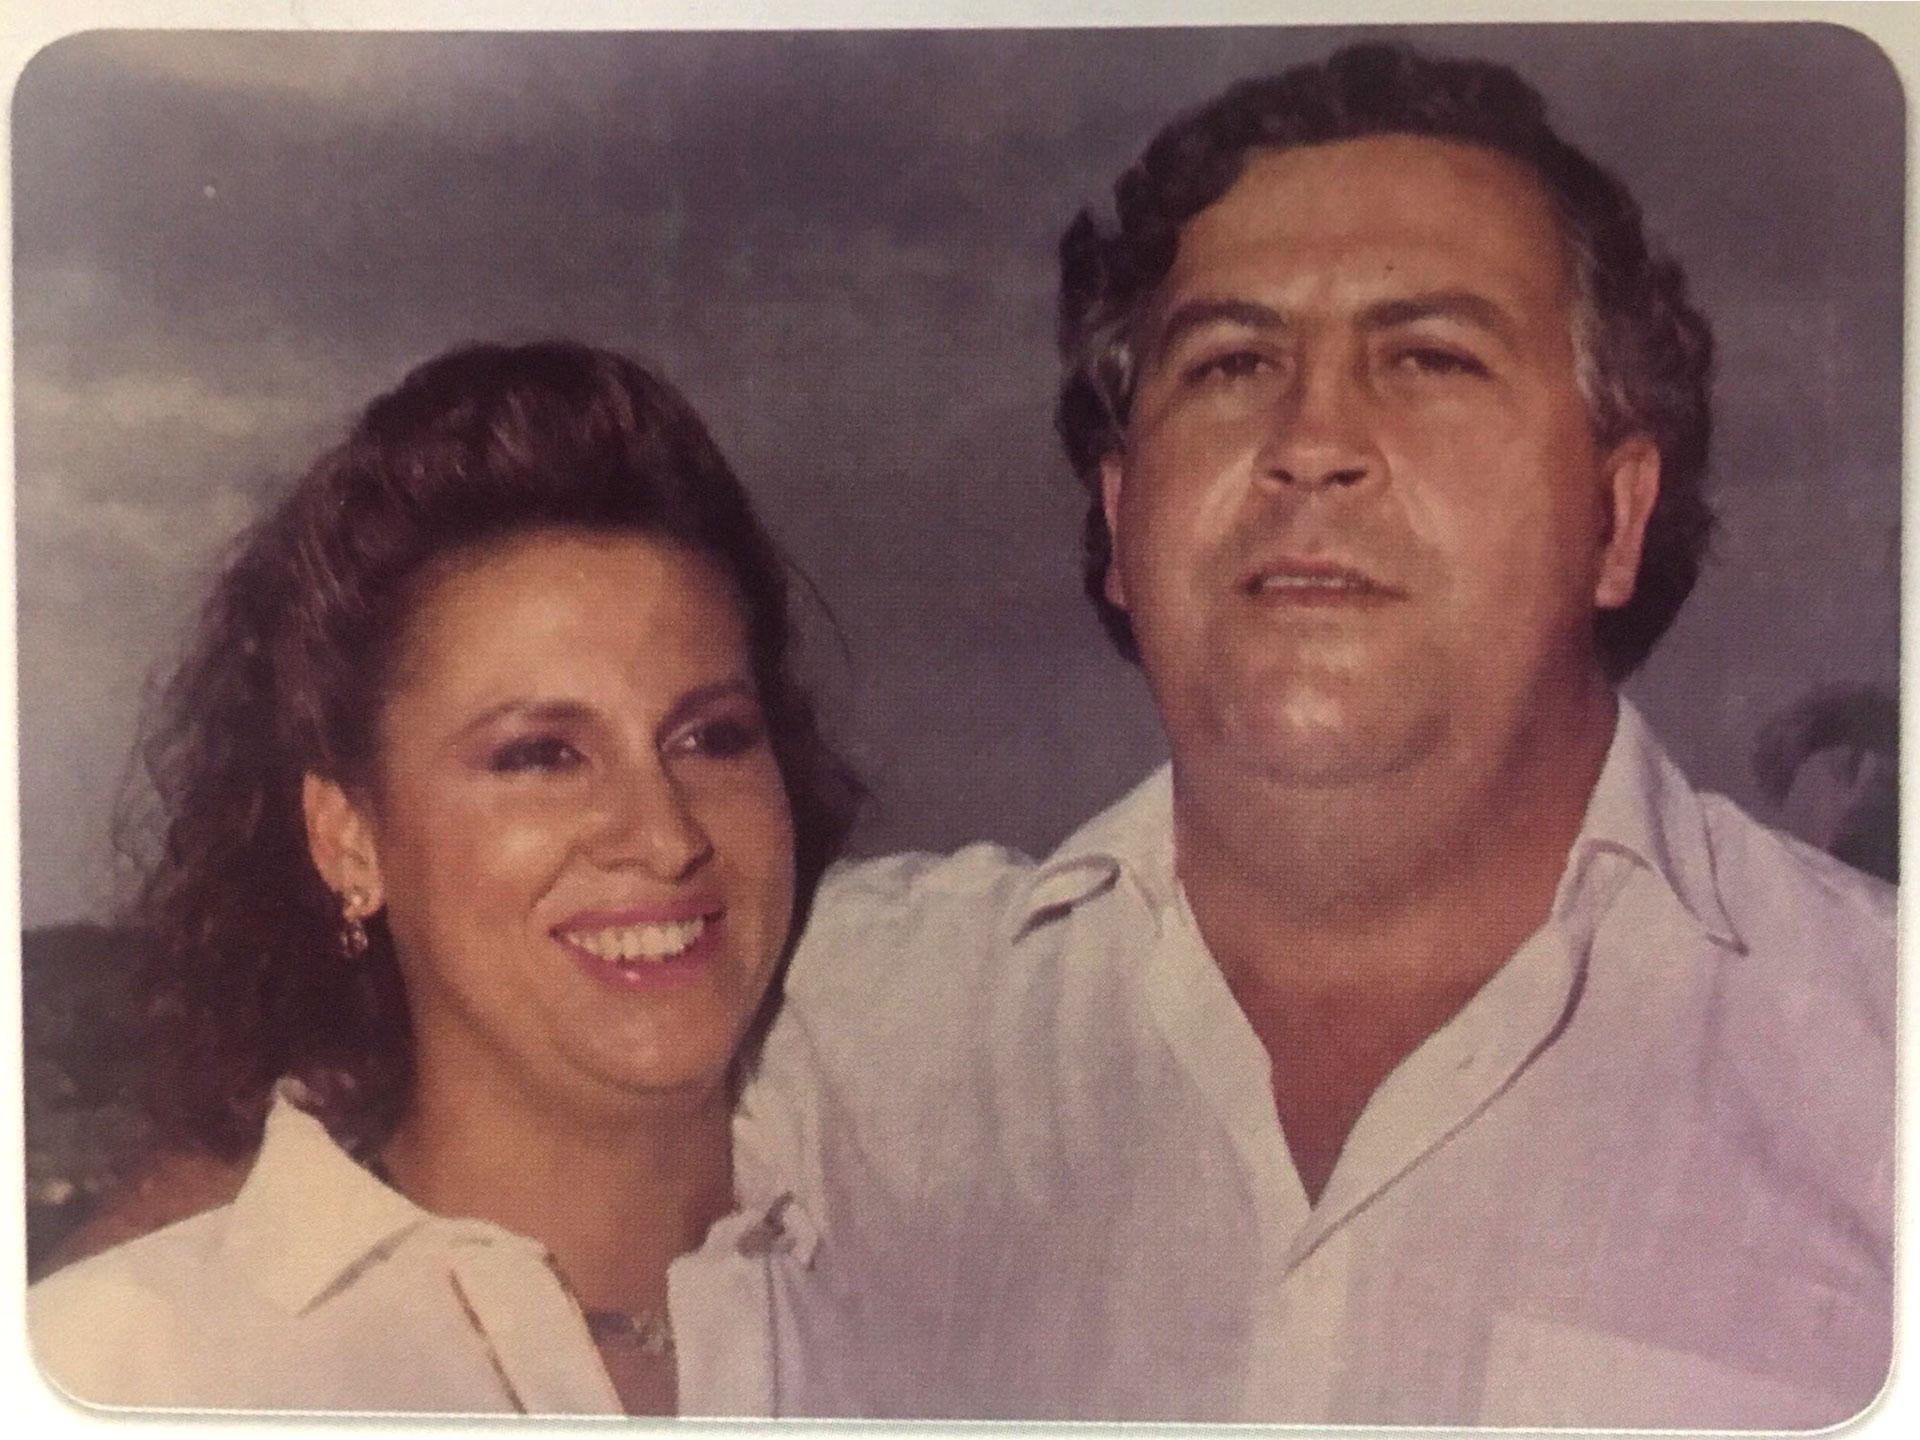 Falsa Identidad Prisión Y Condena Social Así Fue El Desembarco De La Viuda De Pablo Escobar En La Argentina Infobae